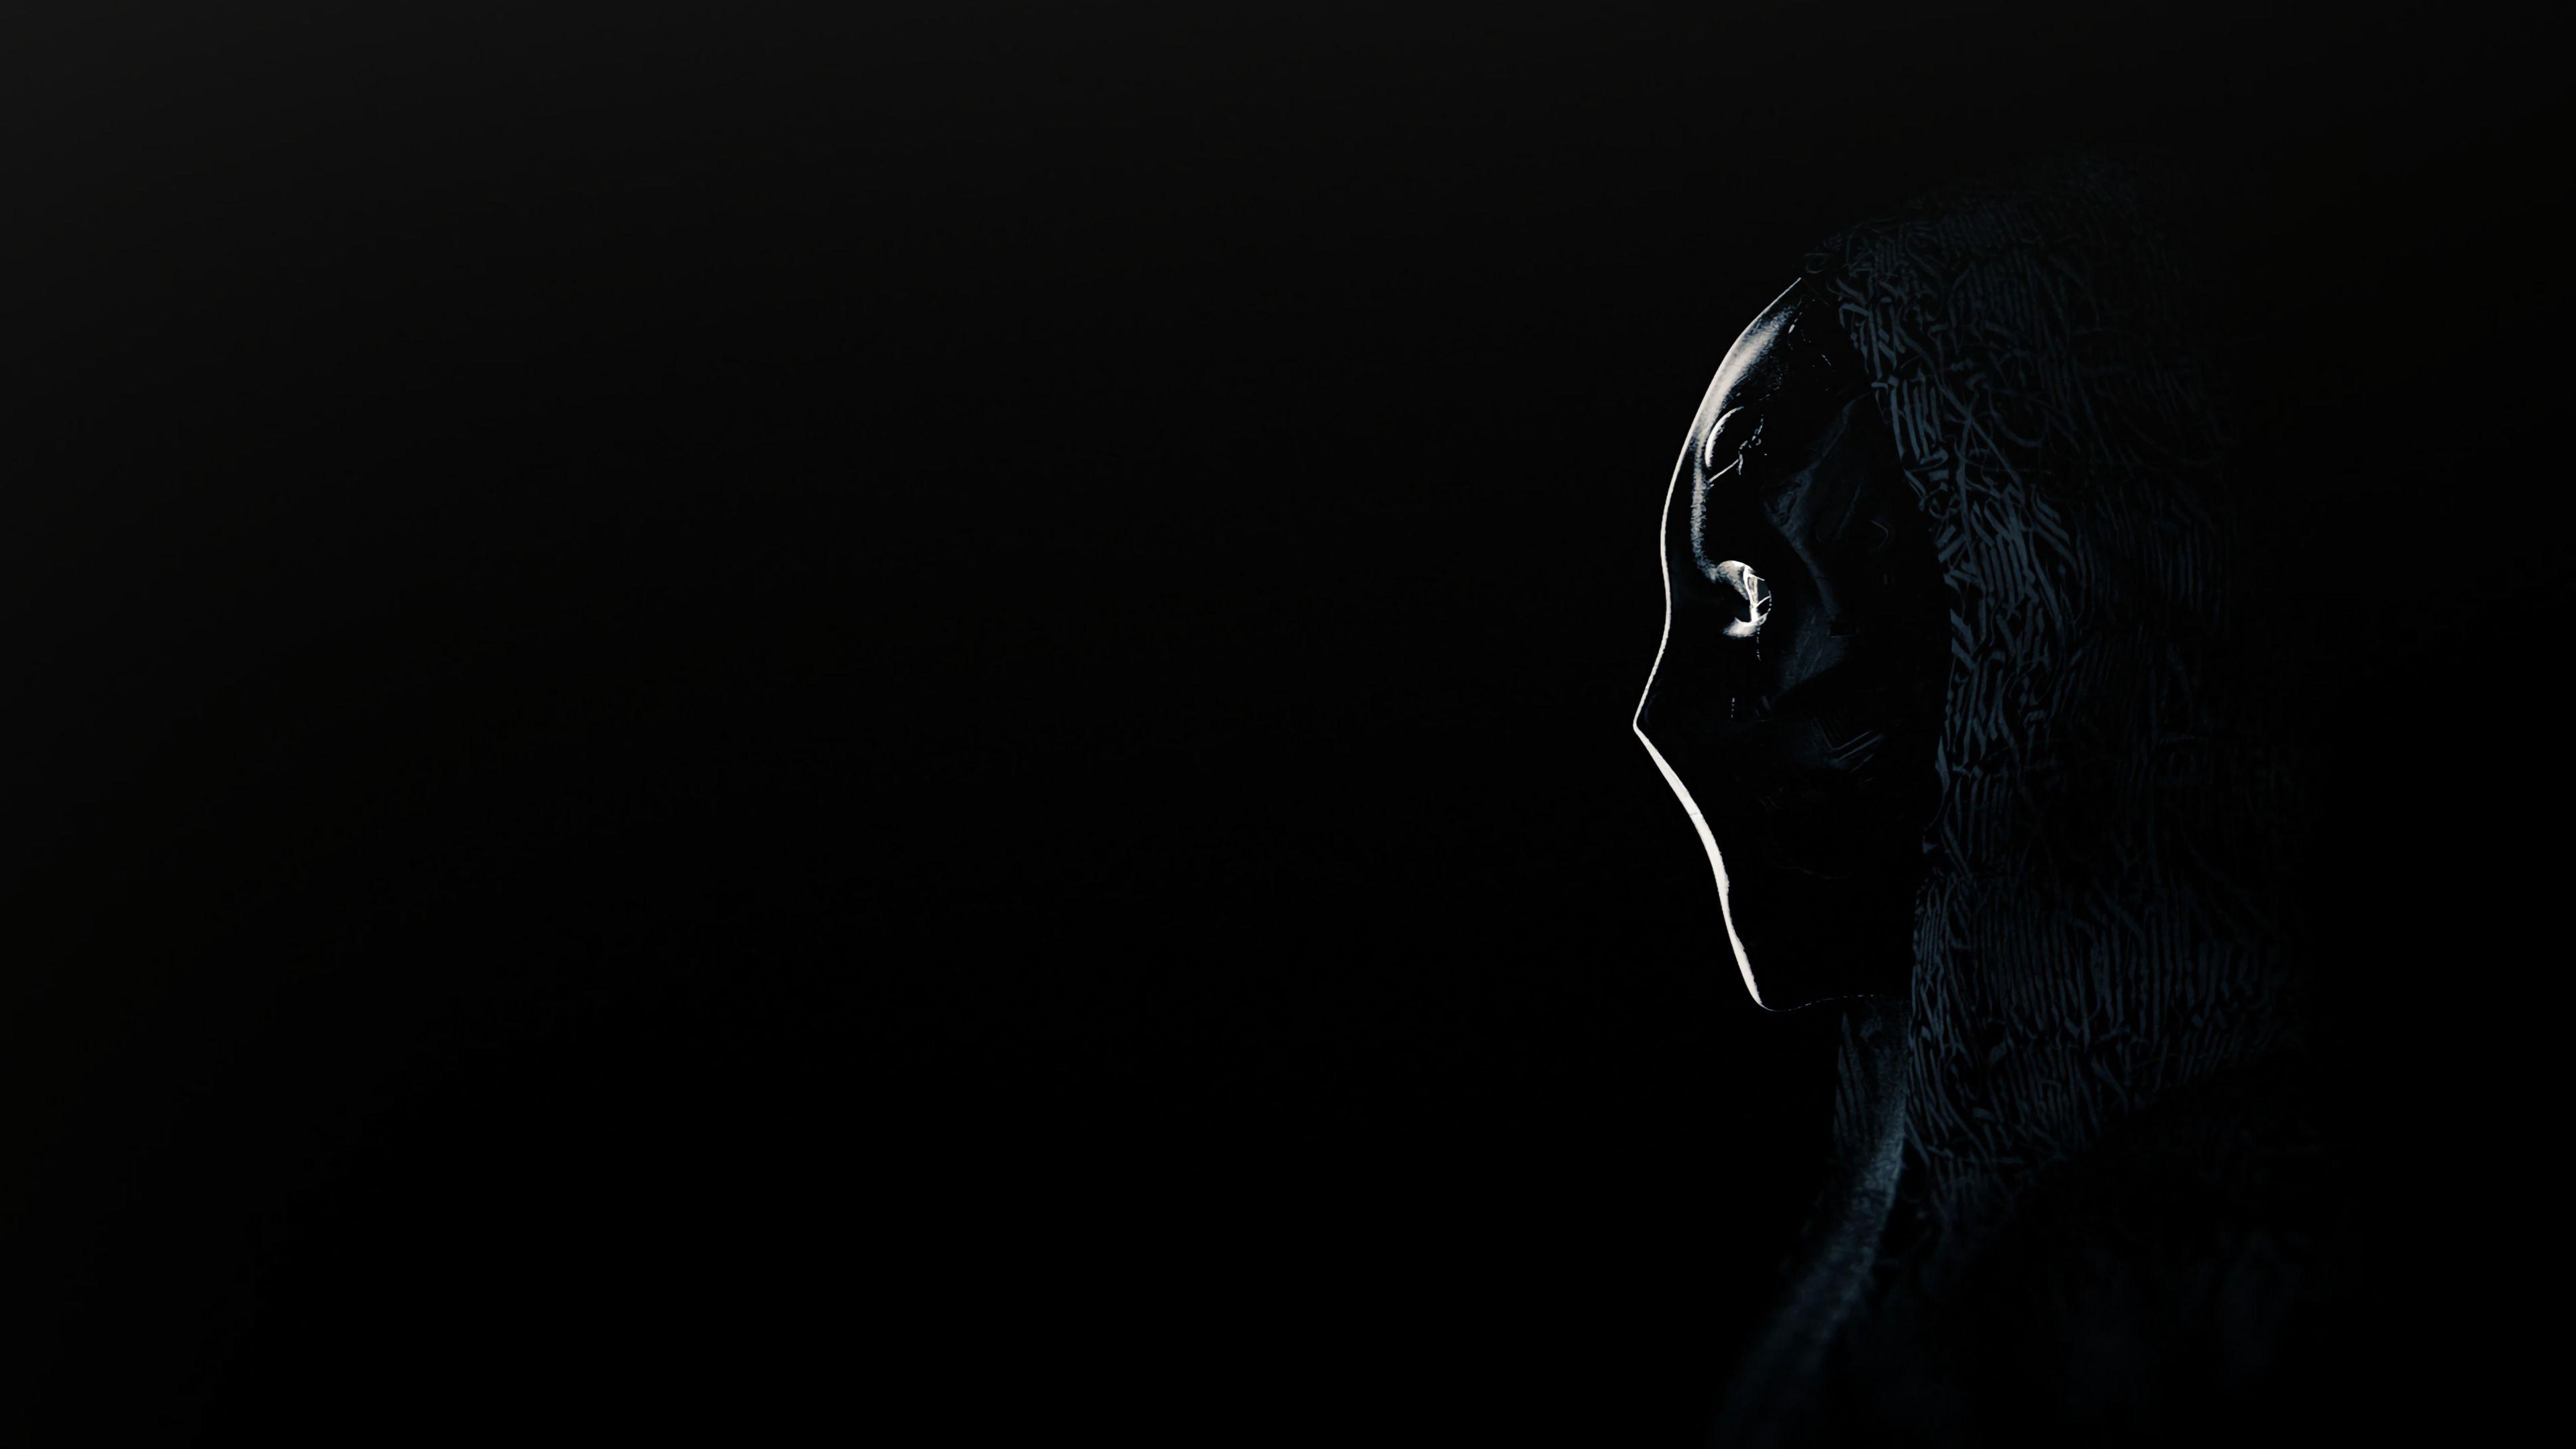 3840x2160 Обои аноним, маска, профиль, темный